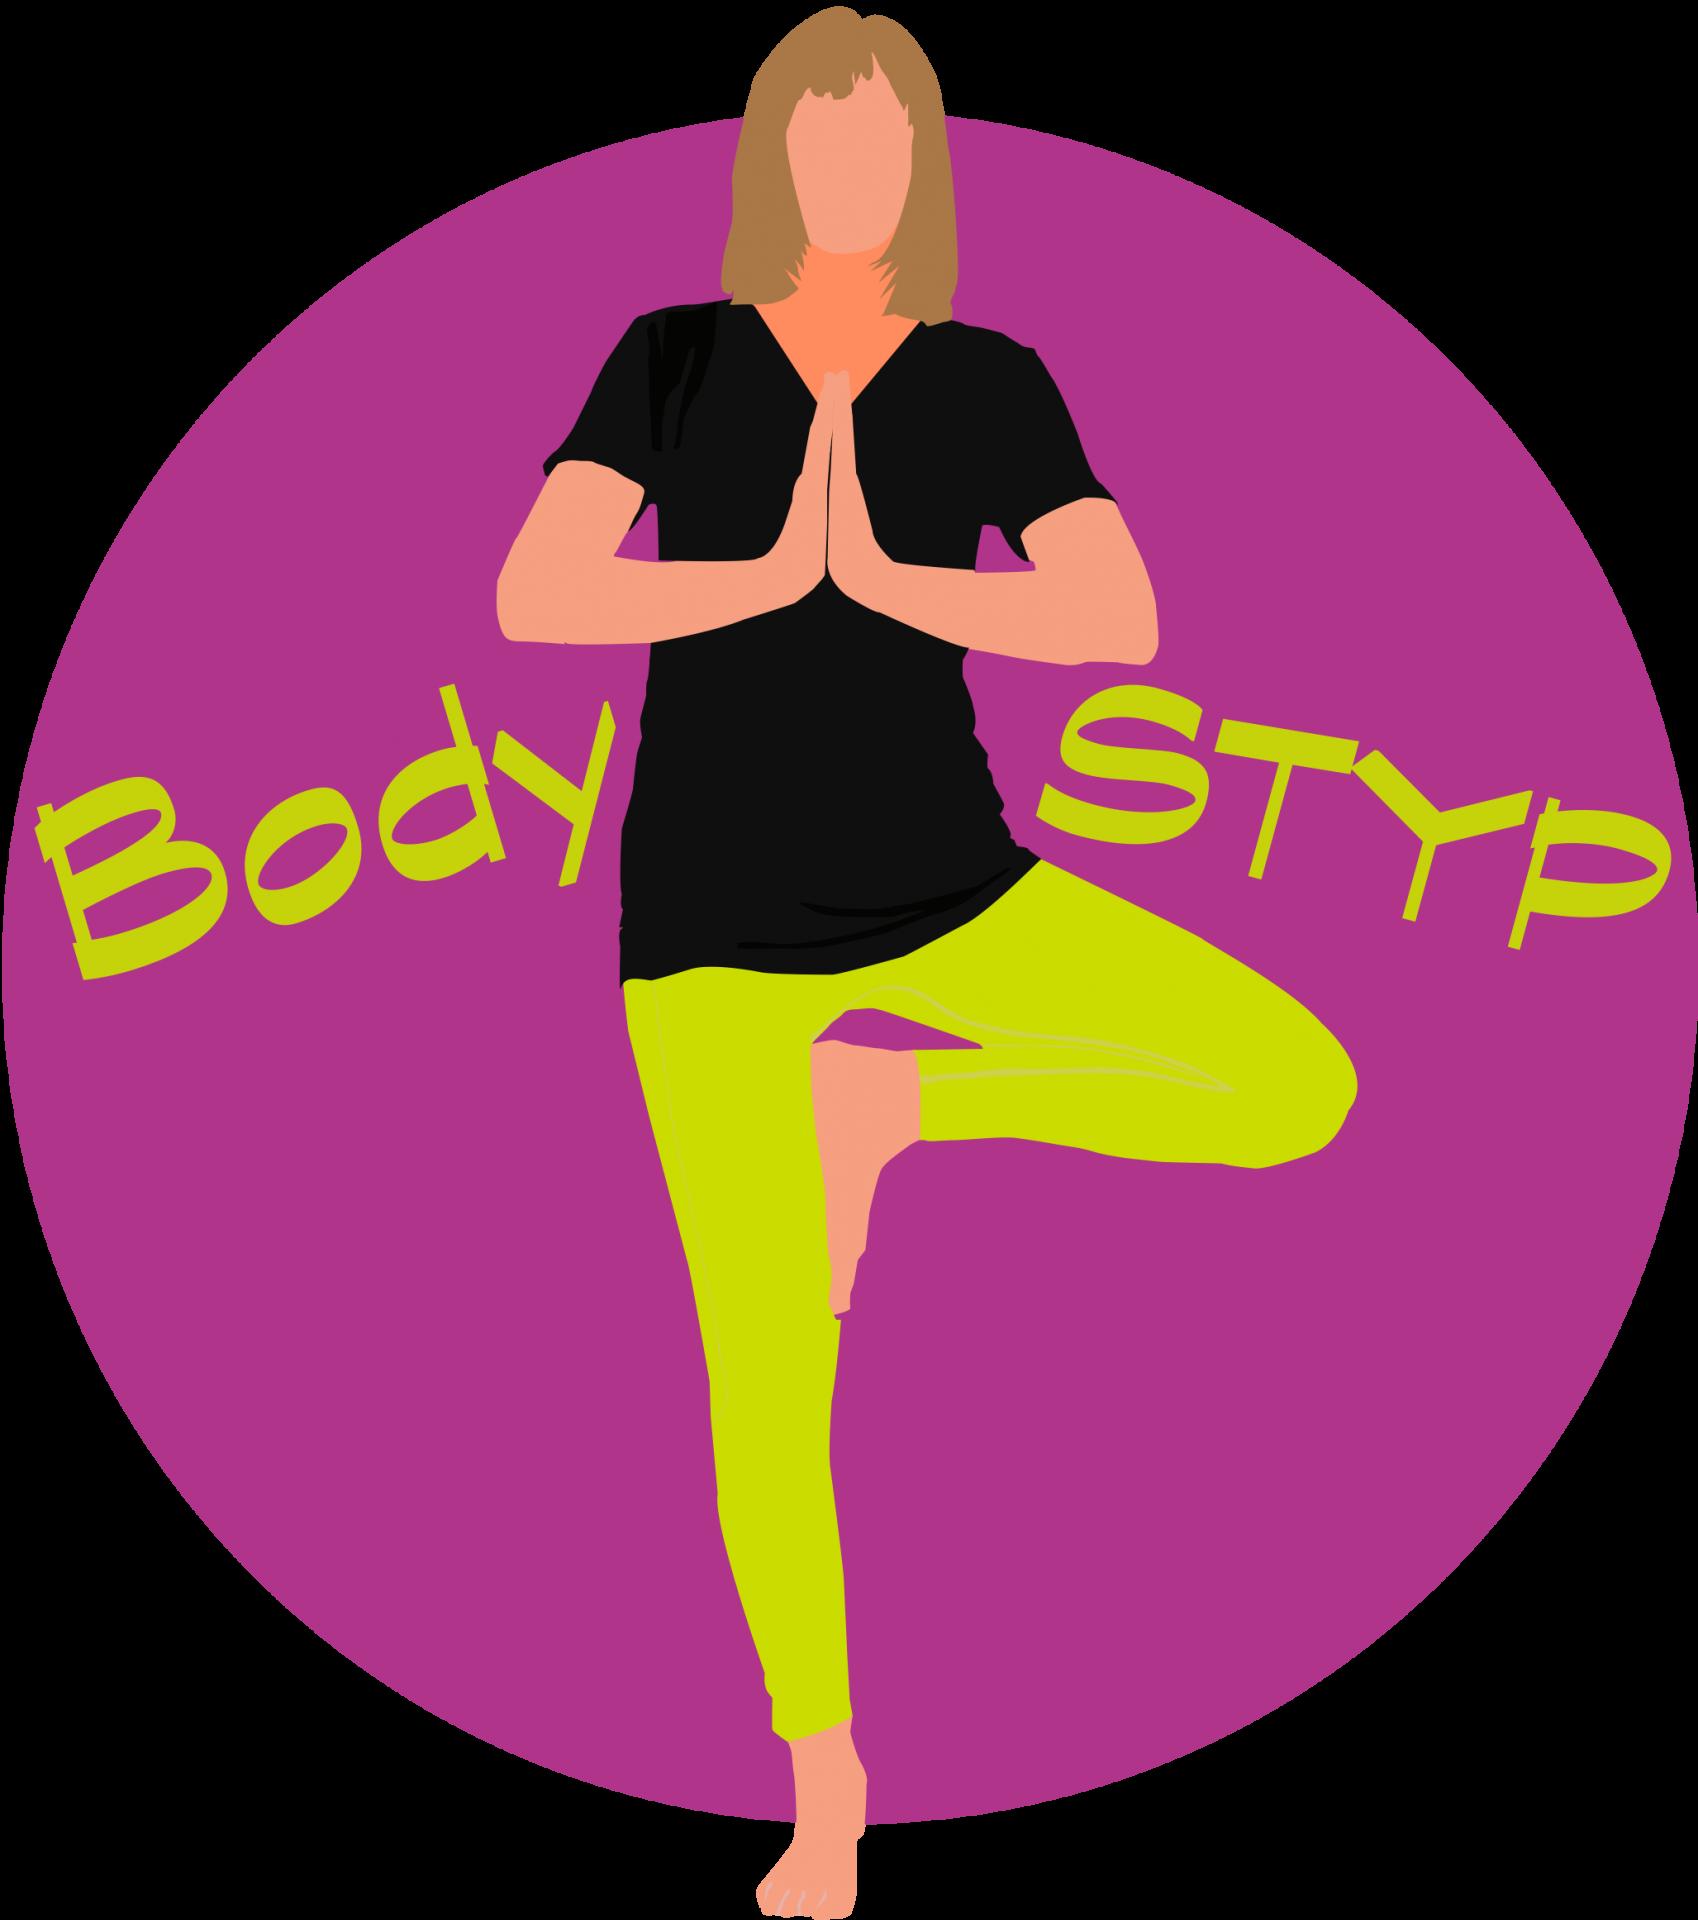 Body styp 1